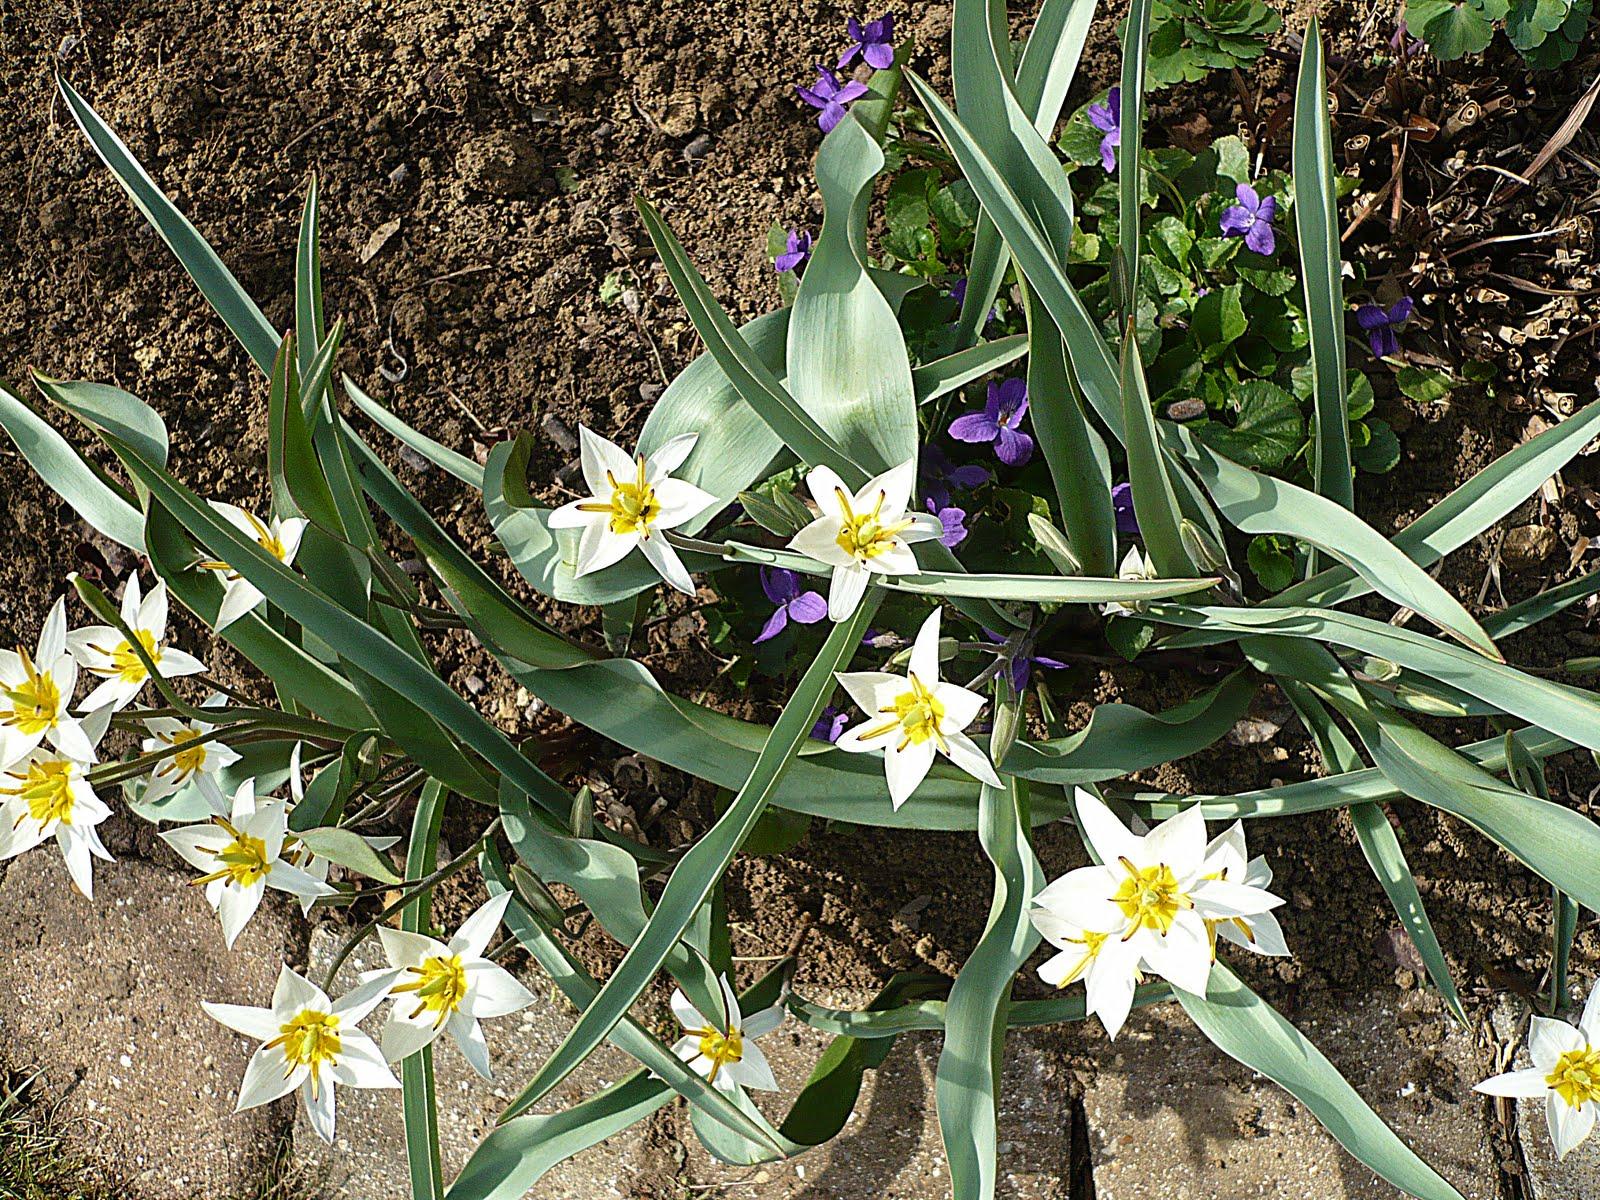 Le jardin des grandes vignes tulipe botanique turkestanica - Le jardin des grandes vignes ...